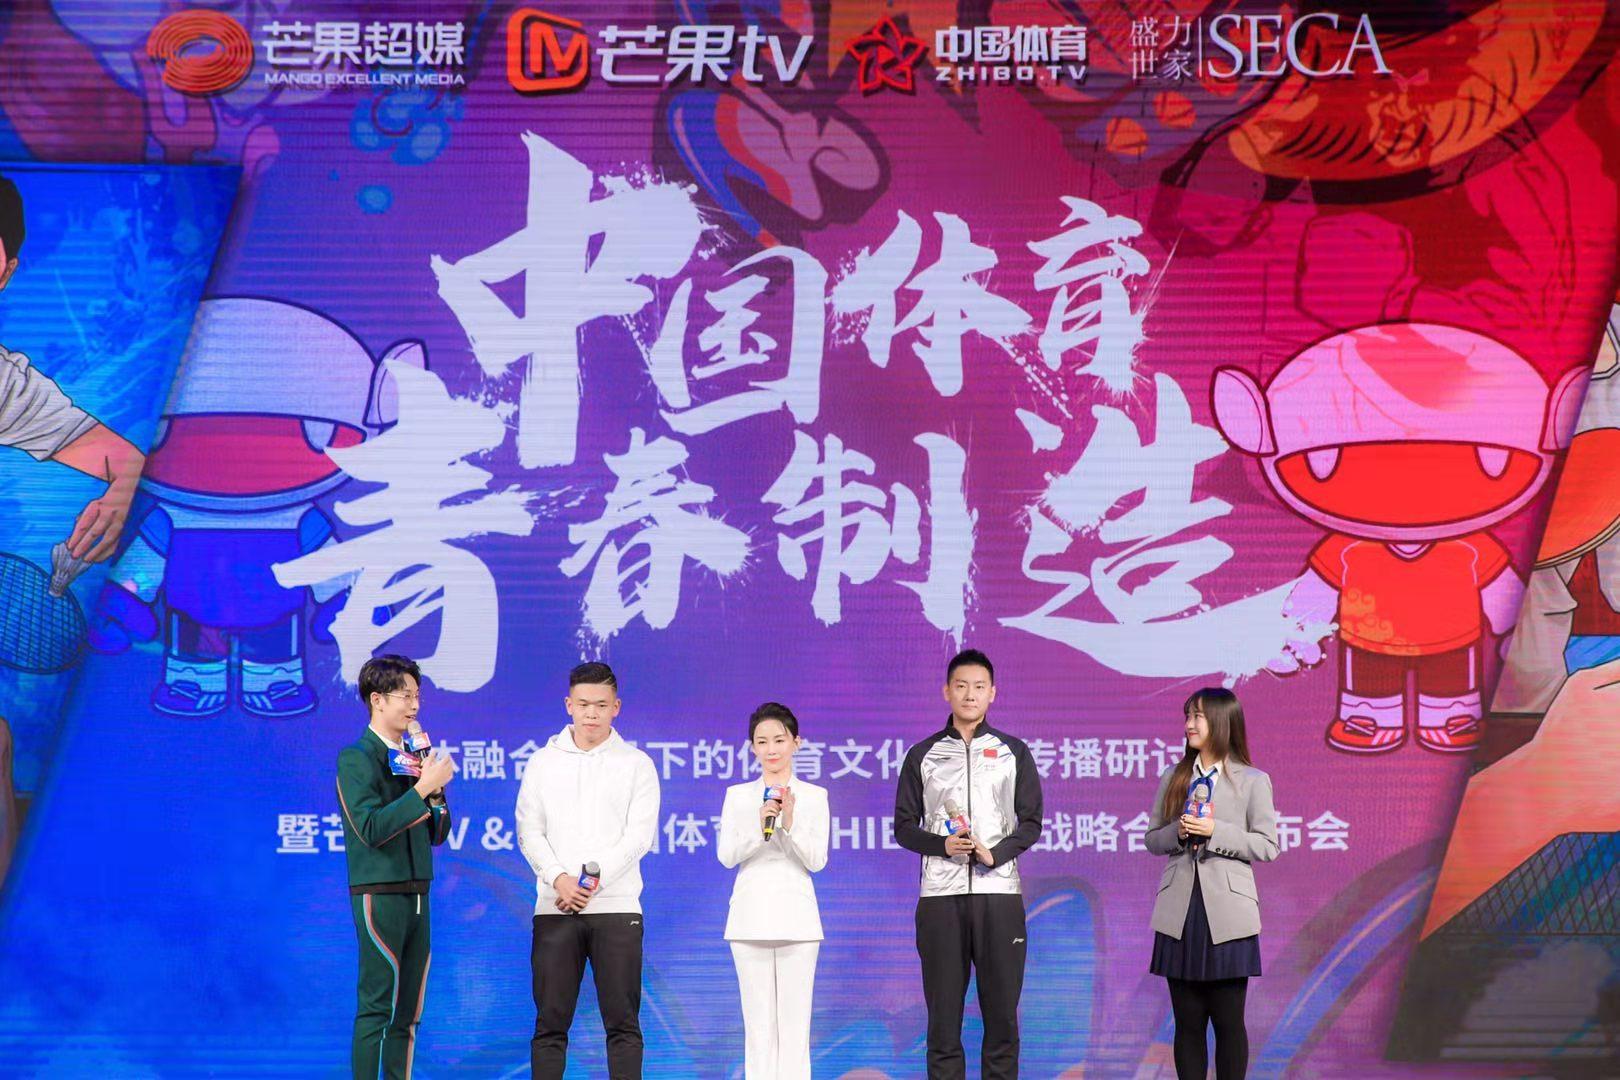 芒果TV联手《中国体育》ZHIBO.TV,开启大屏产品与内容生态全面战略合作